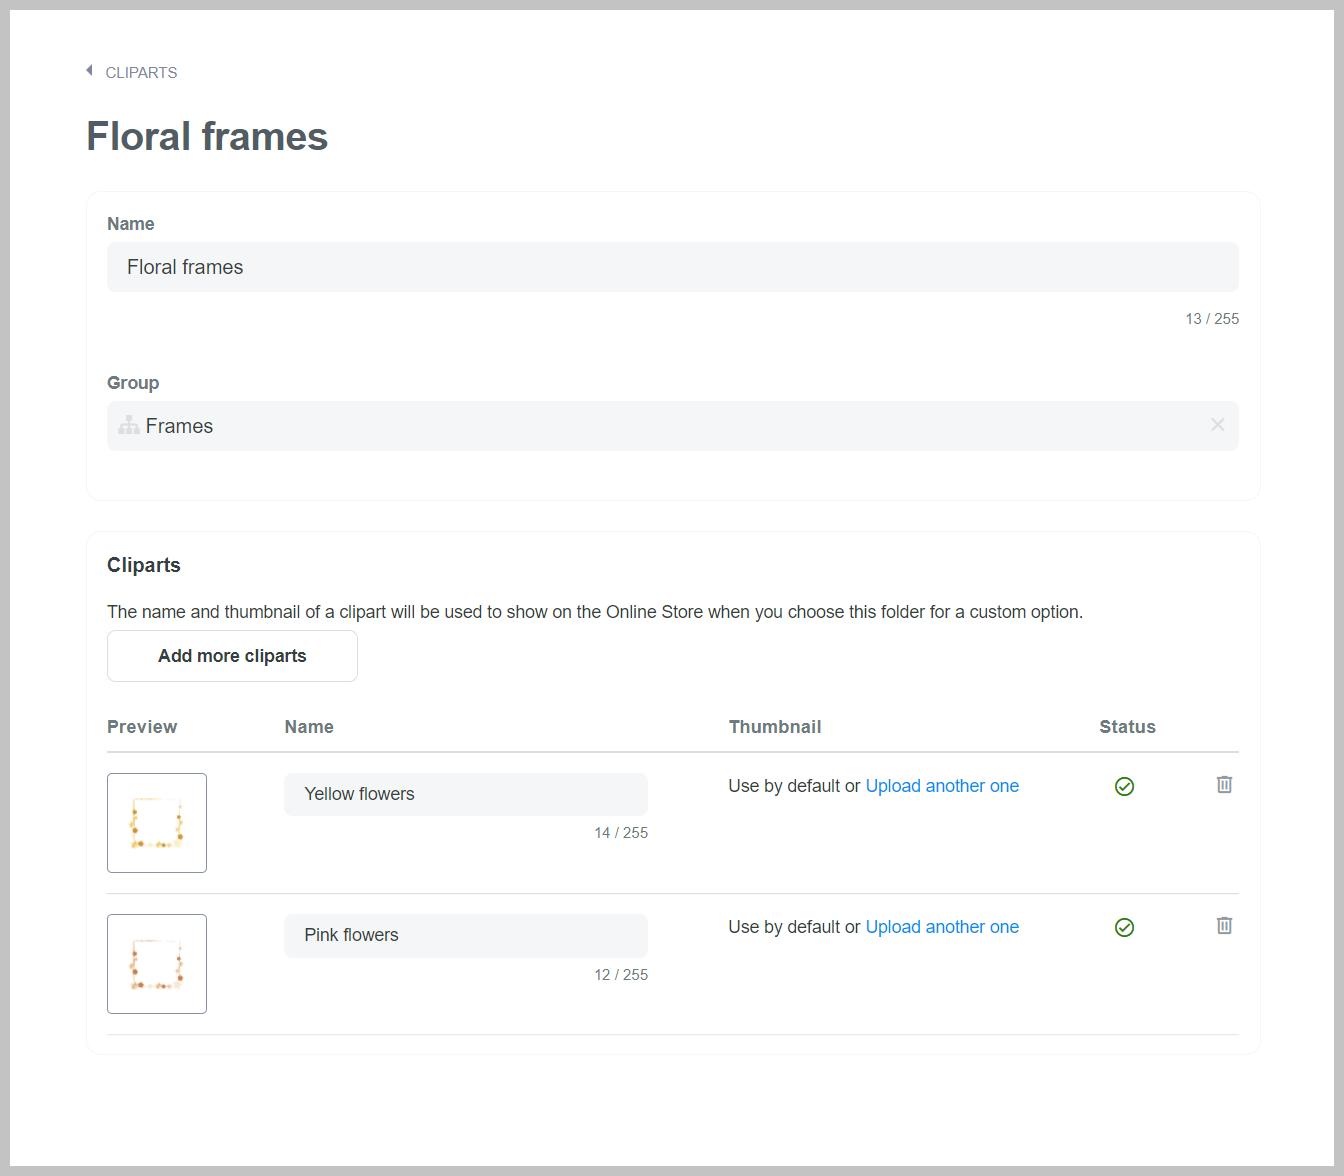 Settings for Floral frames clipart folder